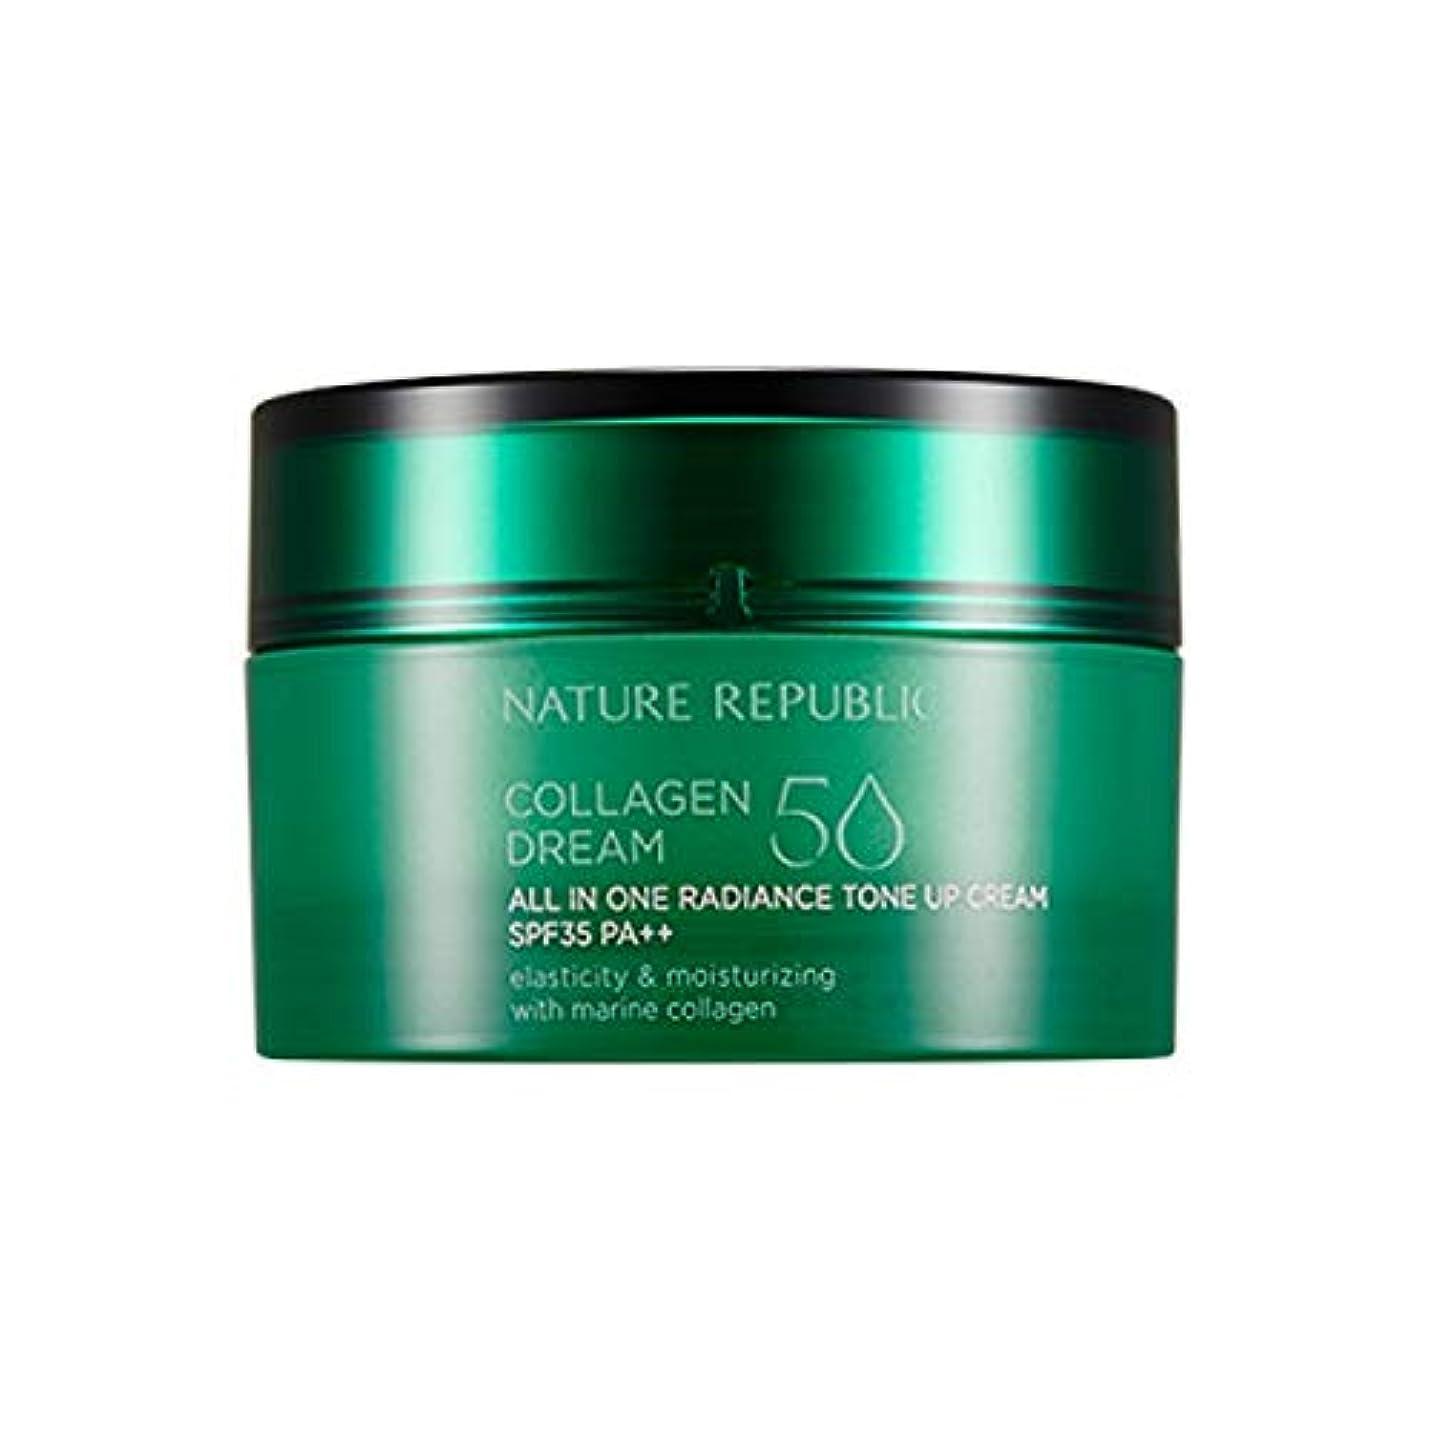 マトリックス未亡人修道院ネイチャーリパブリック(Nature Republic)コラーゲンドリーム50オールインワンラディアンストンアップクリーム SPF35PA++ 50ml / Collagen Dream 50 All-In-One Radiance...